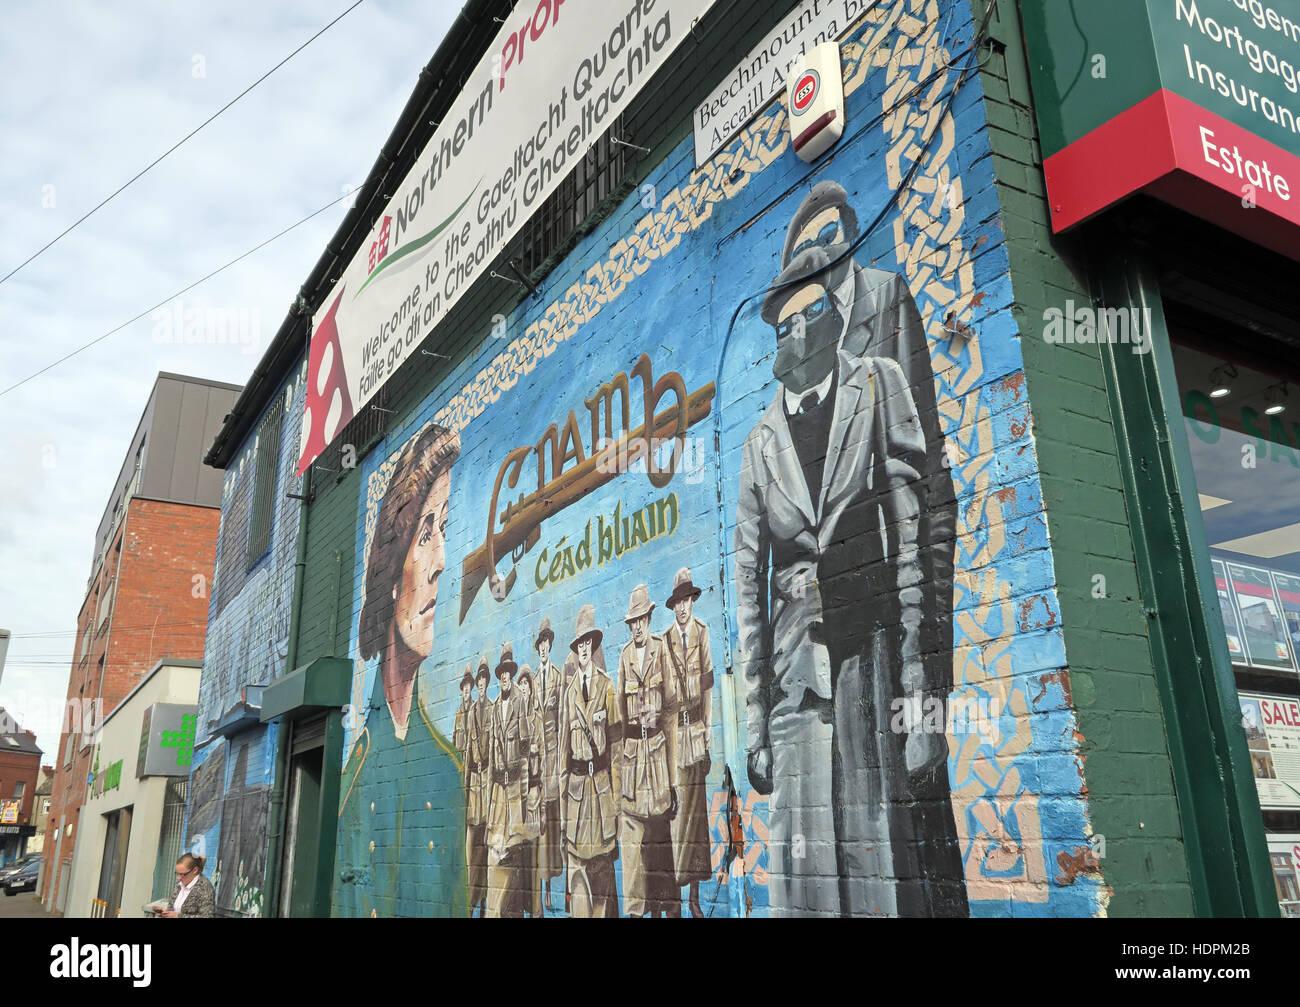 Laden Sie dieses Alamy Stockfoto Belfast fällt Rd republikanischen Wandbild am Beechmount Ave, weibliche Widerstand - HDPM2B